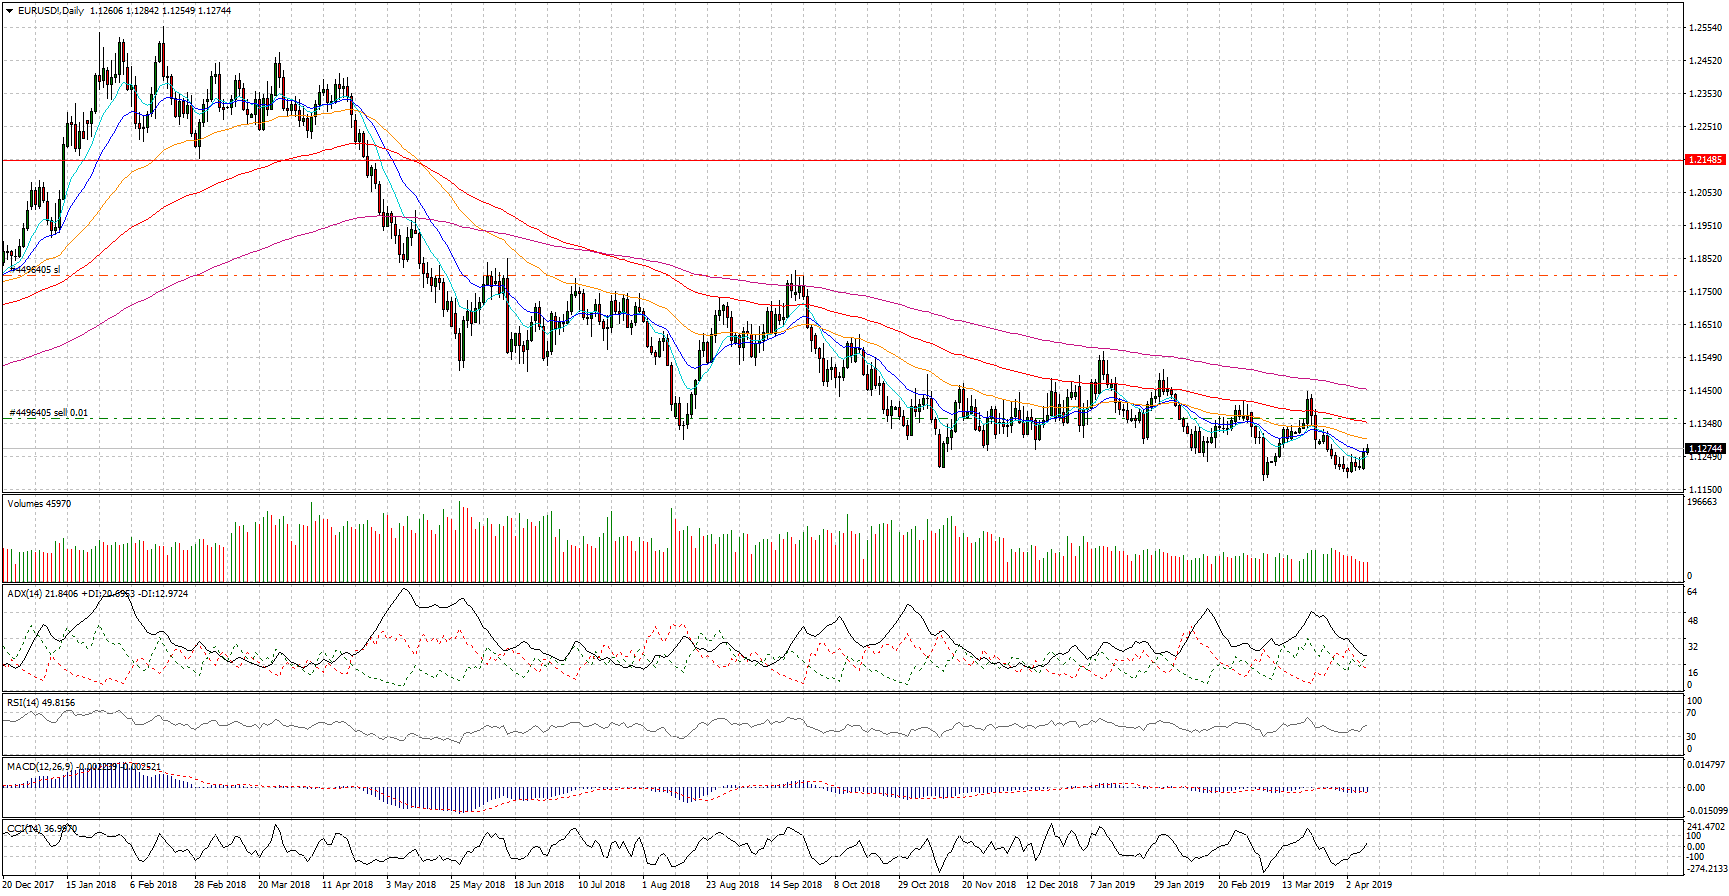 Cambio euro dollaro, analisi tecnica al 09 aprile 2019